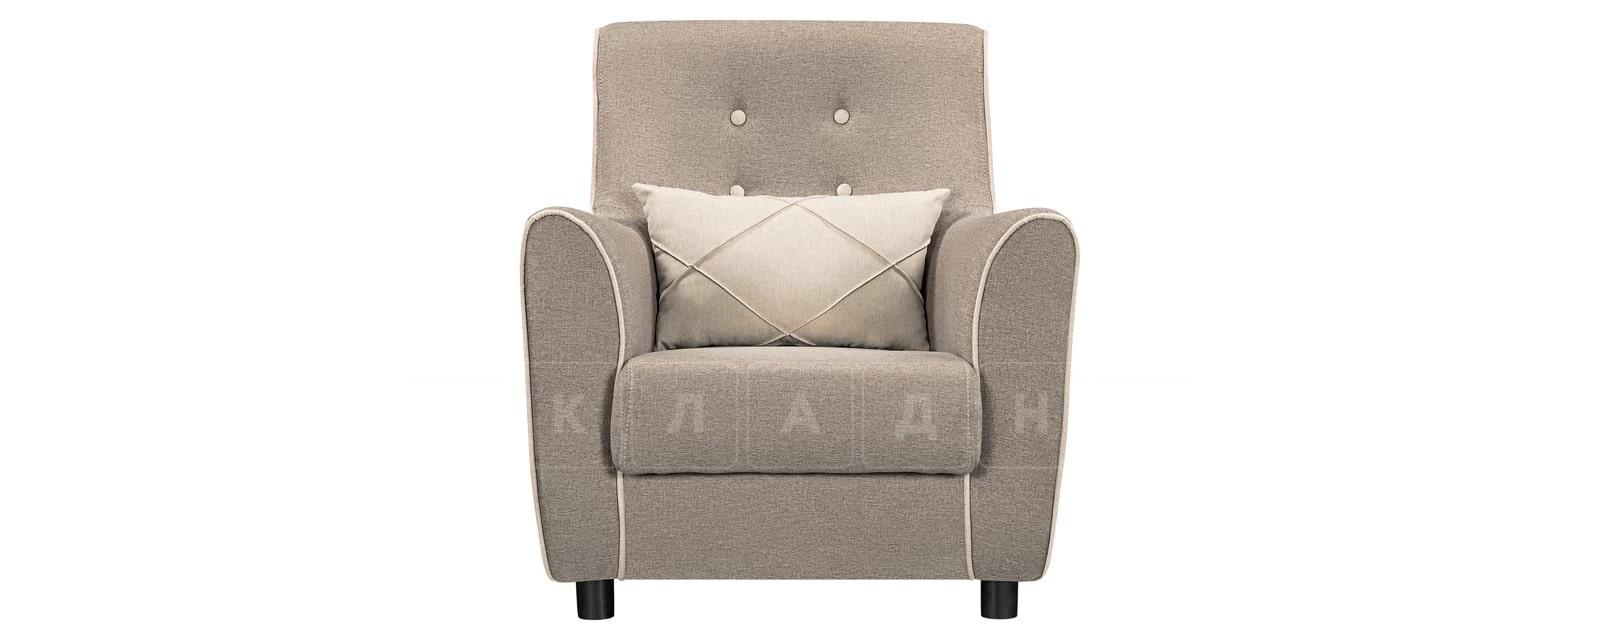 Кресло Флэтфорд рогожка серая фото 2 | интернет-магазин Складно